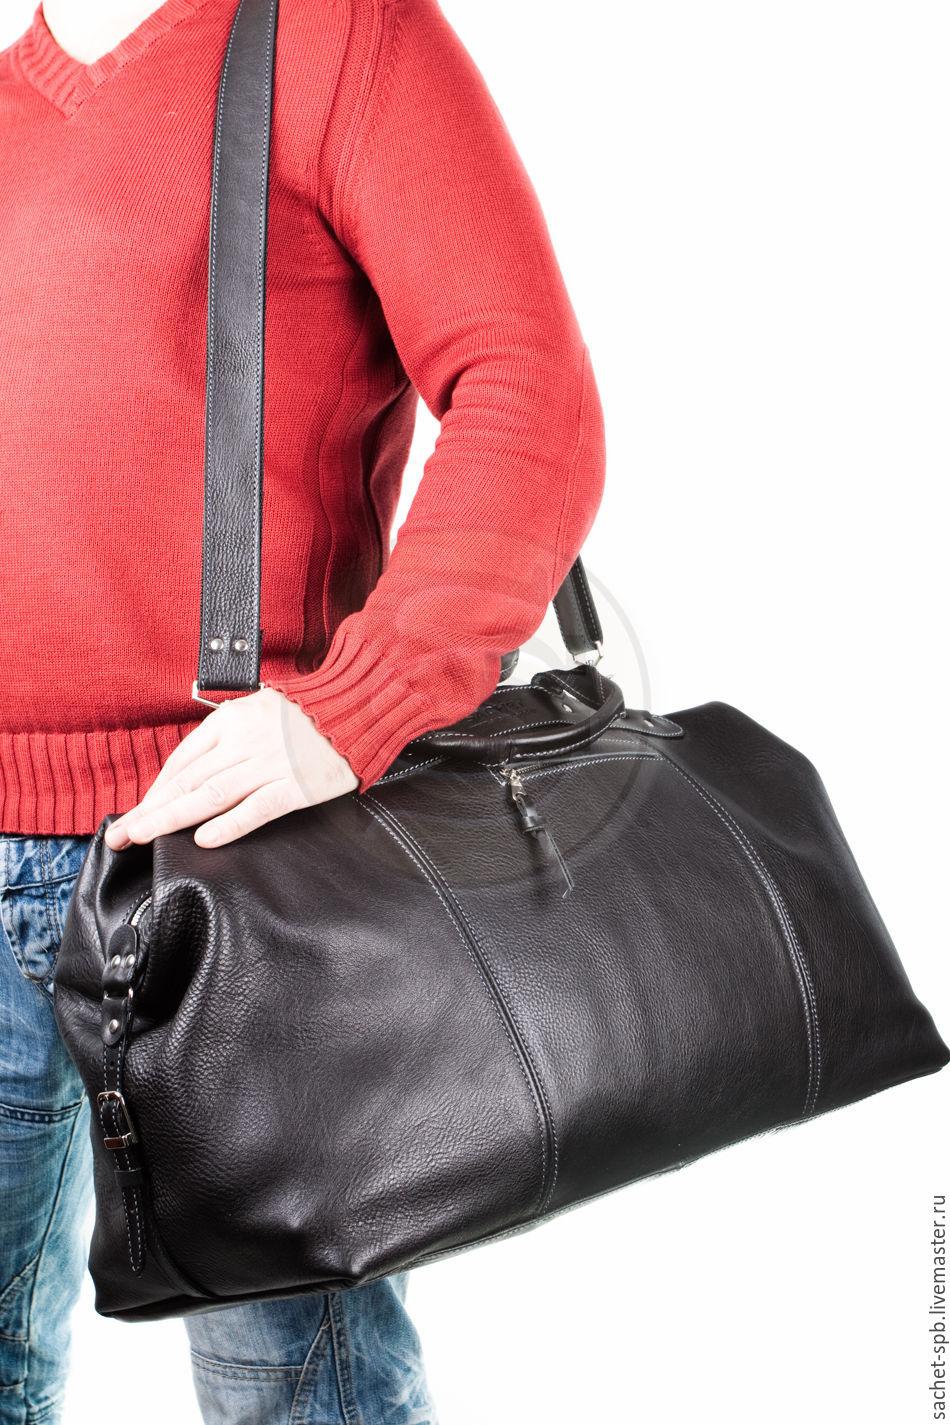 cfd58c887631 ... Мужские сумки ручной работы. Кожаная дорожная сумка черная. Кожинка-САШЕ  (sachet-